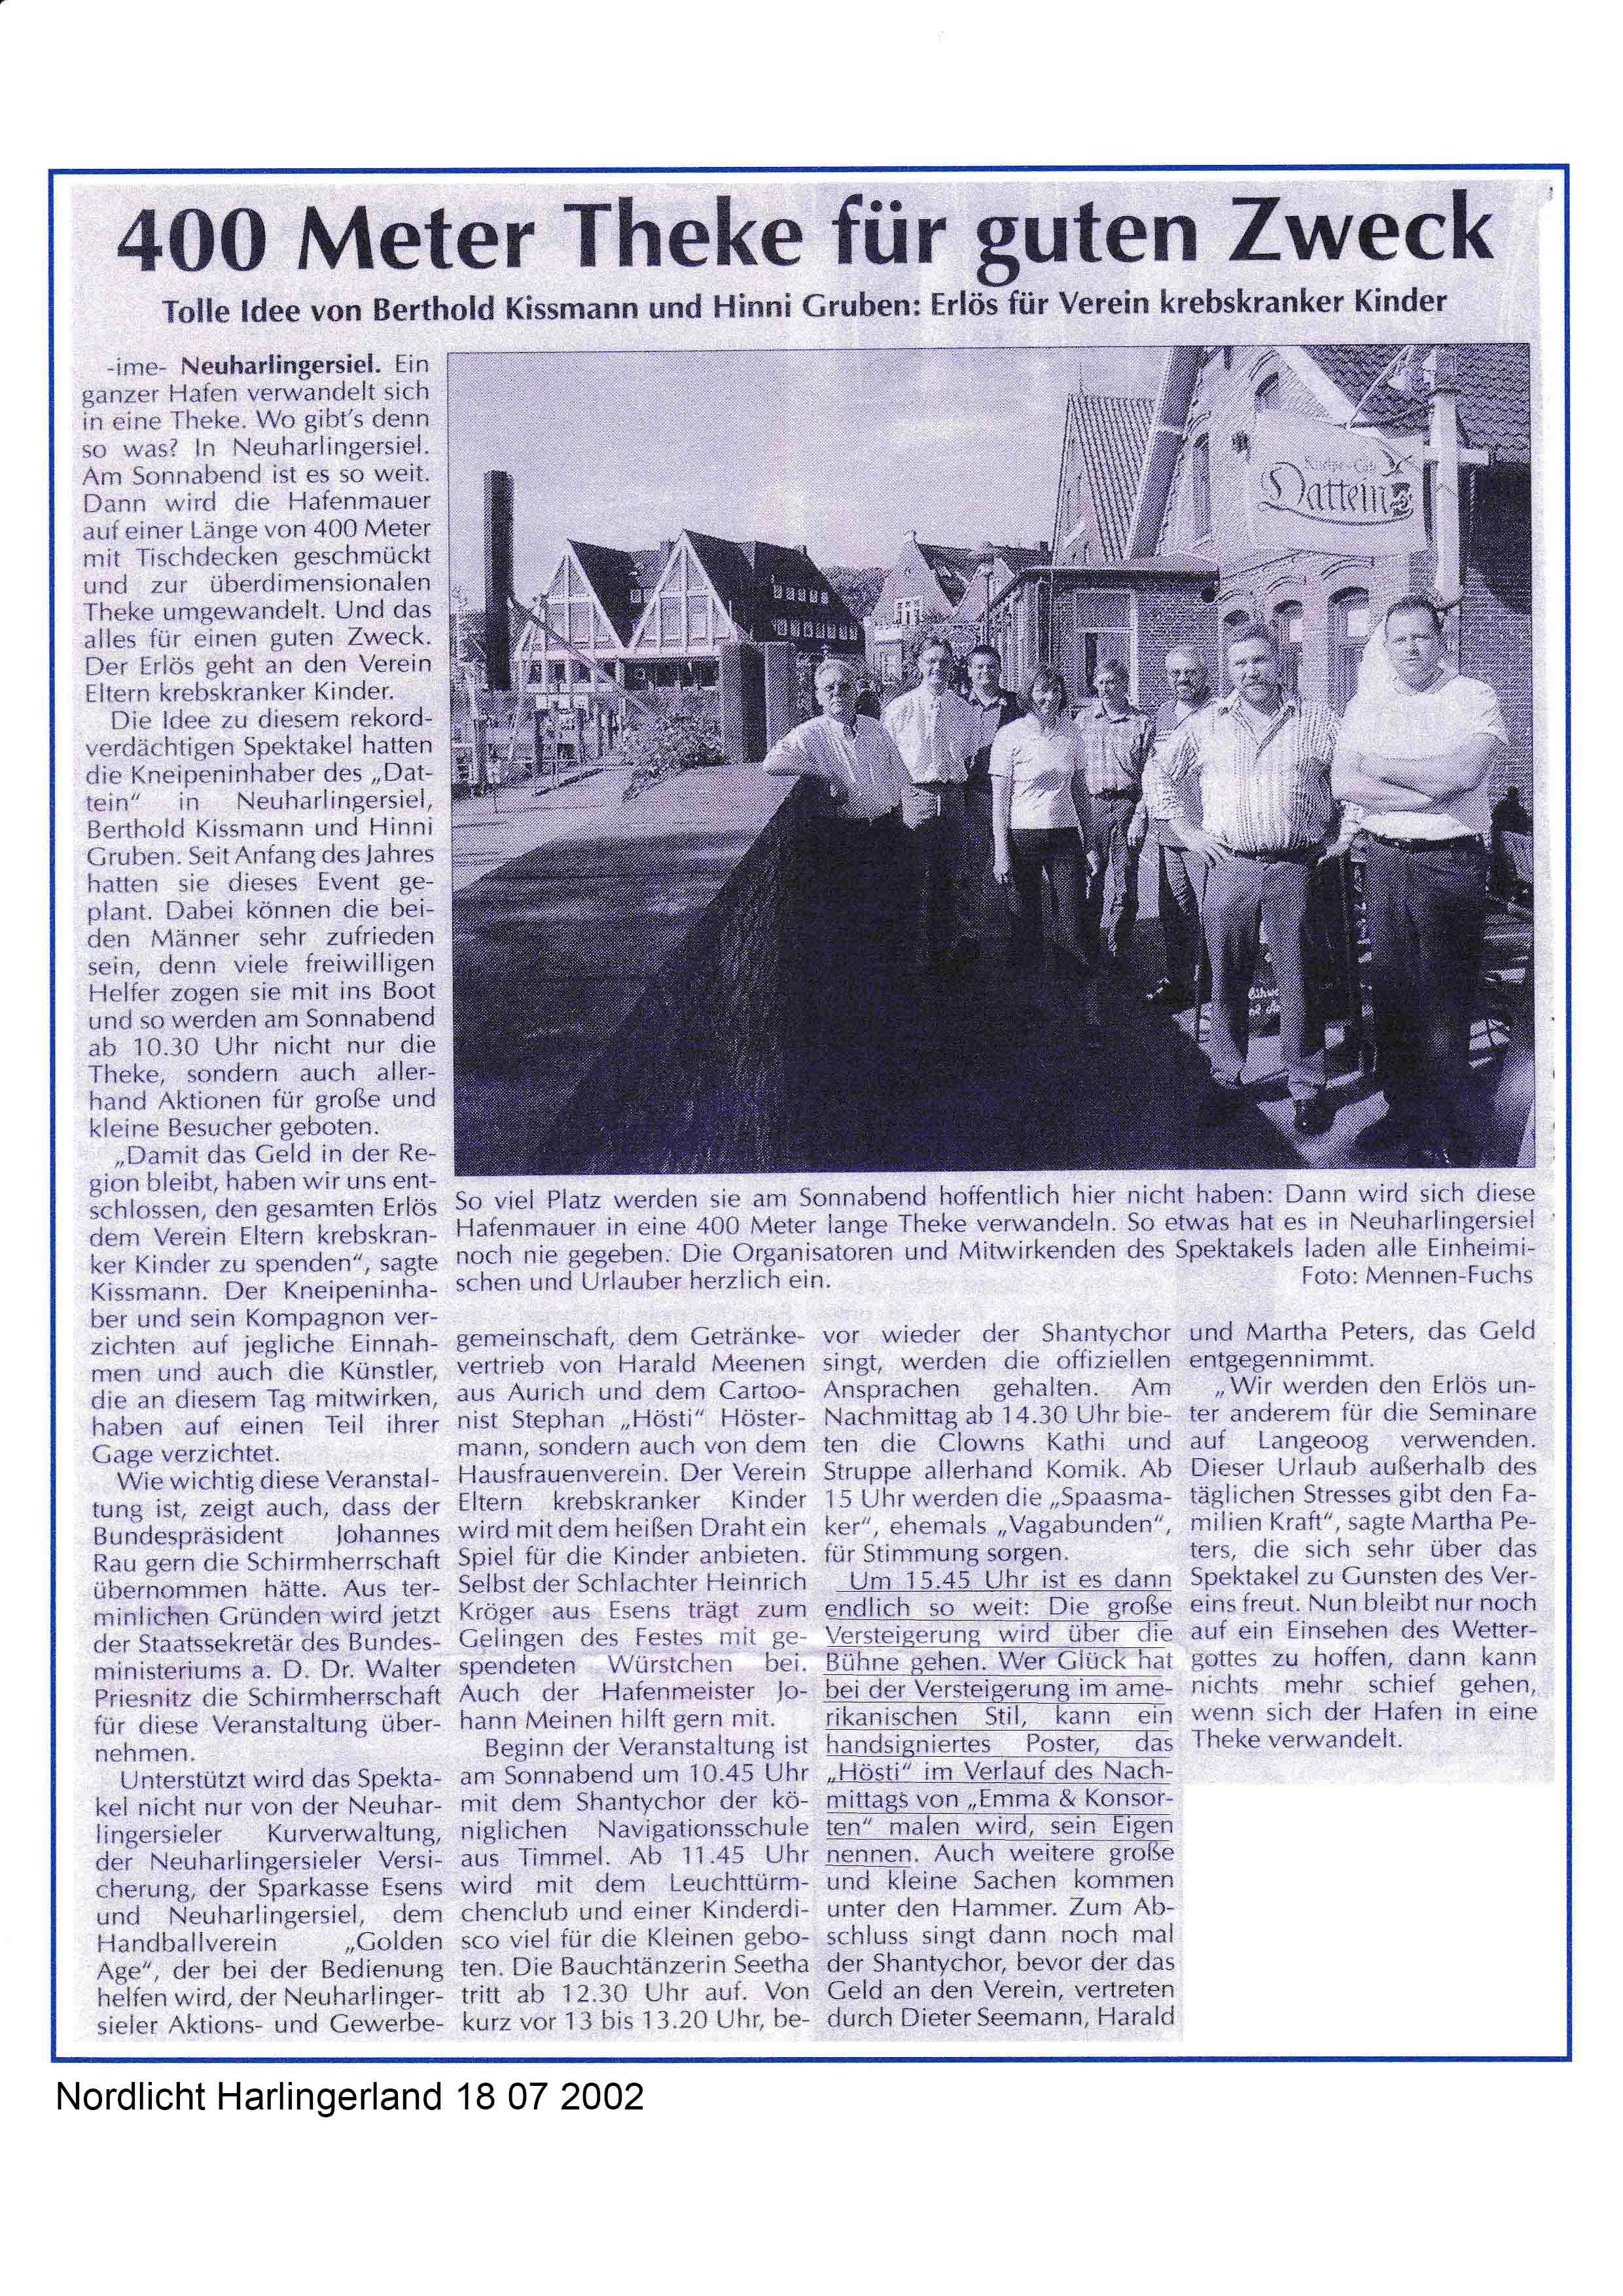 Nordlicht Harlingerland 18 07 2002